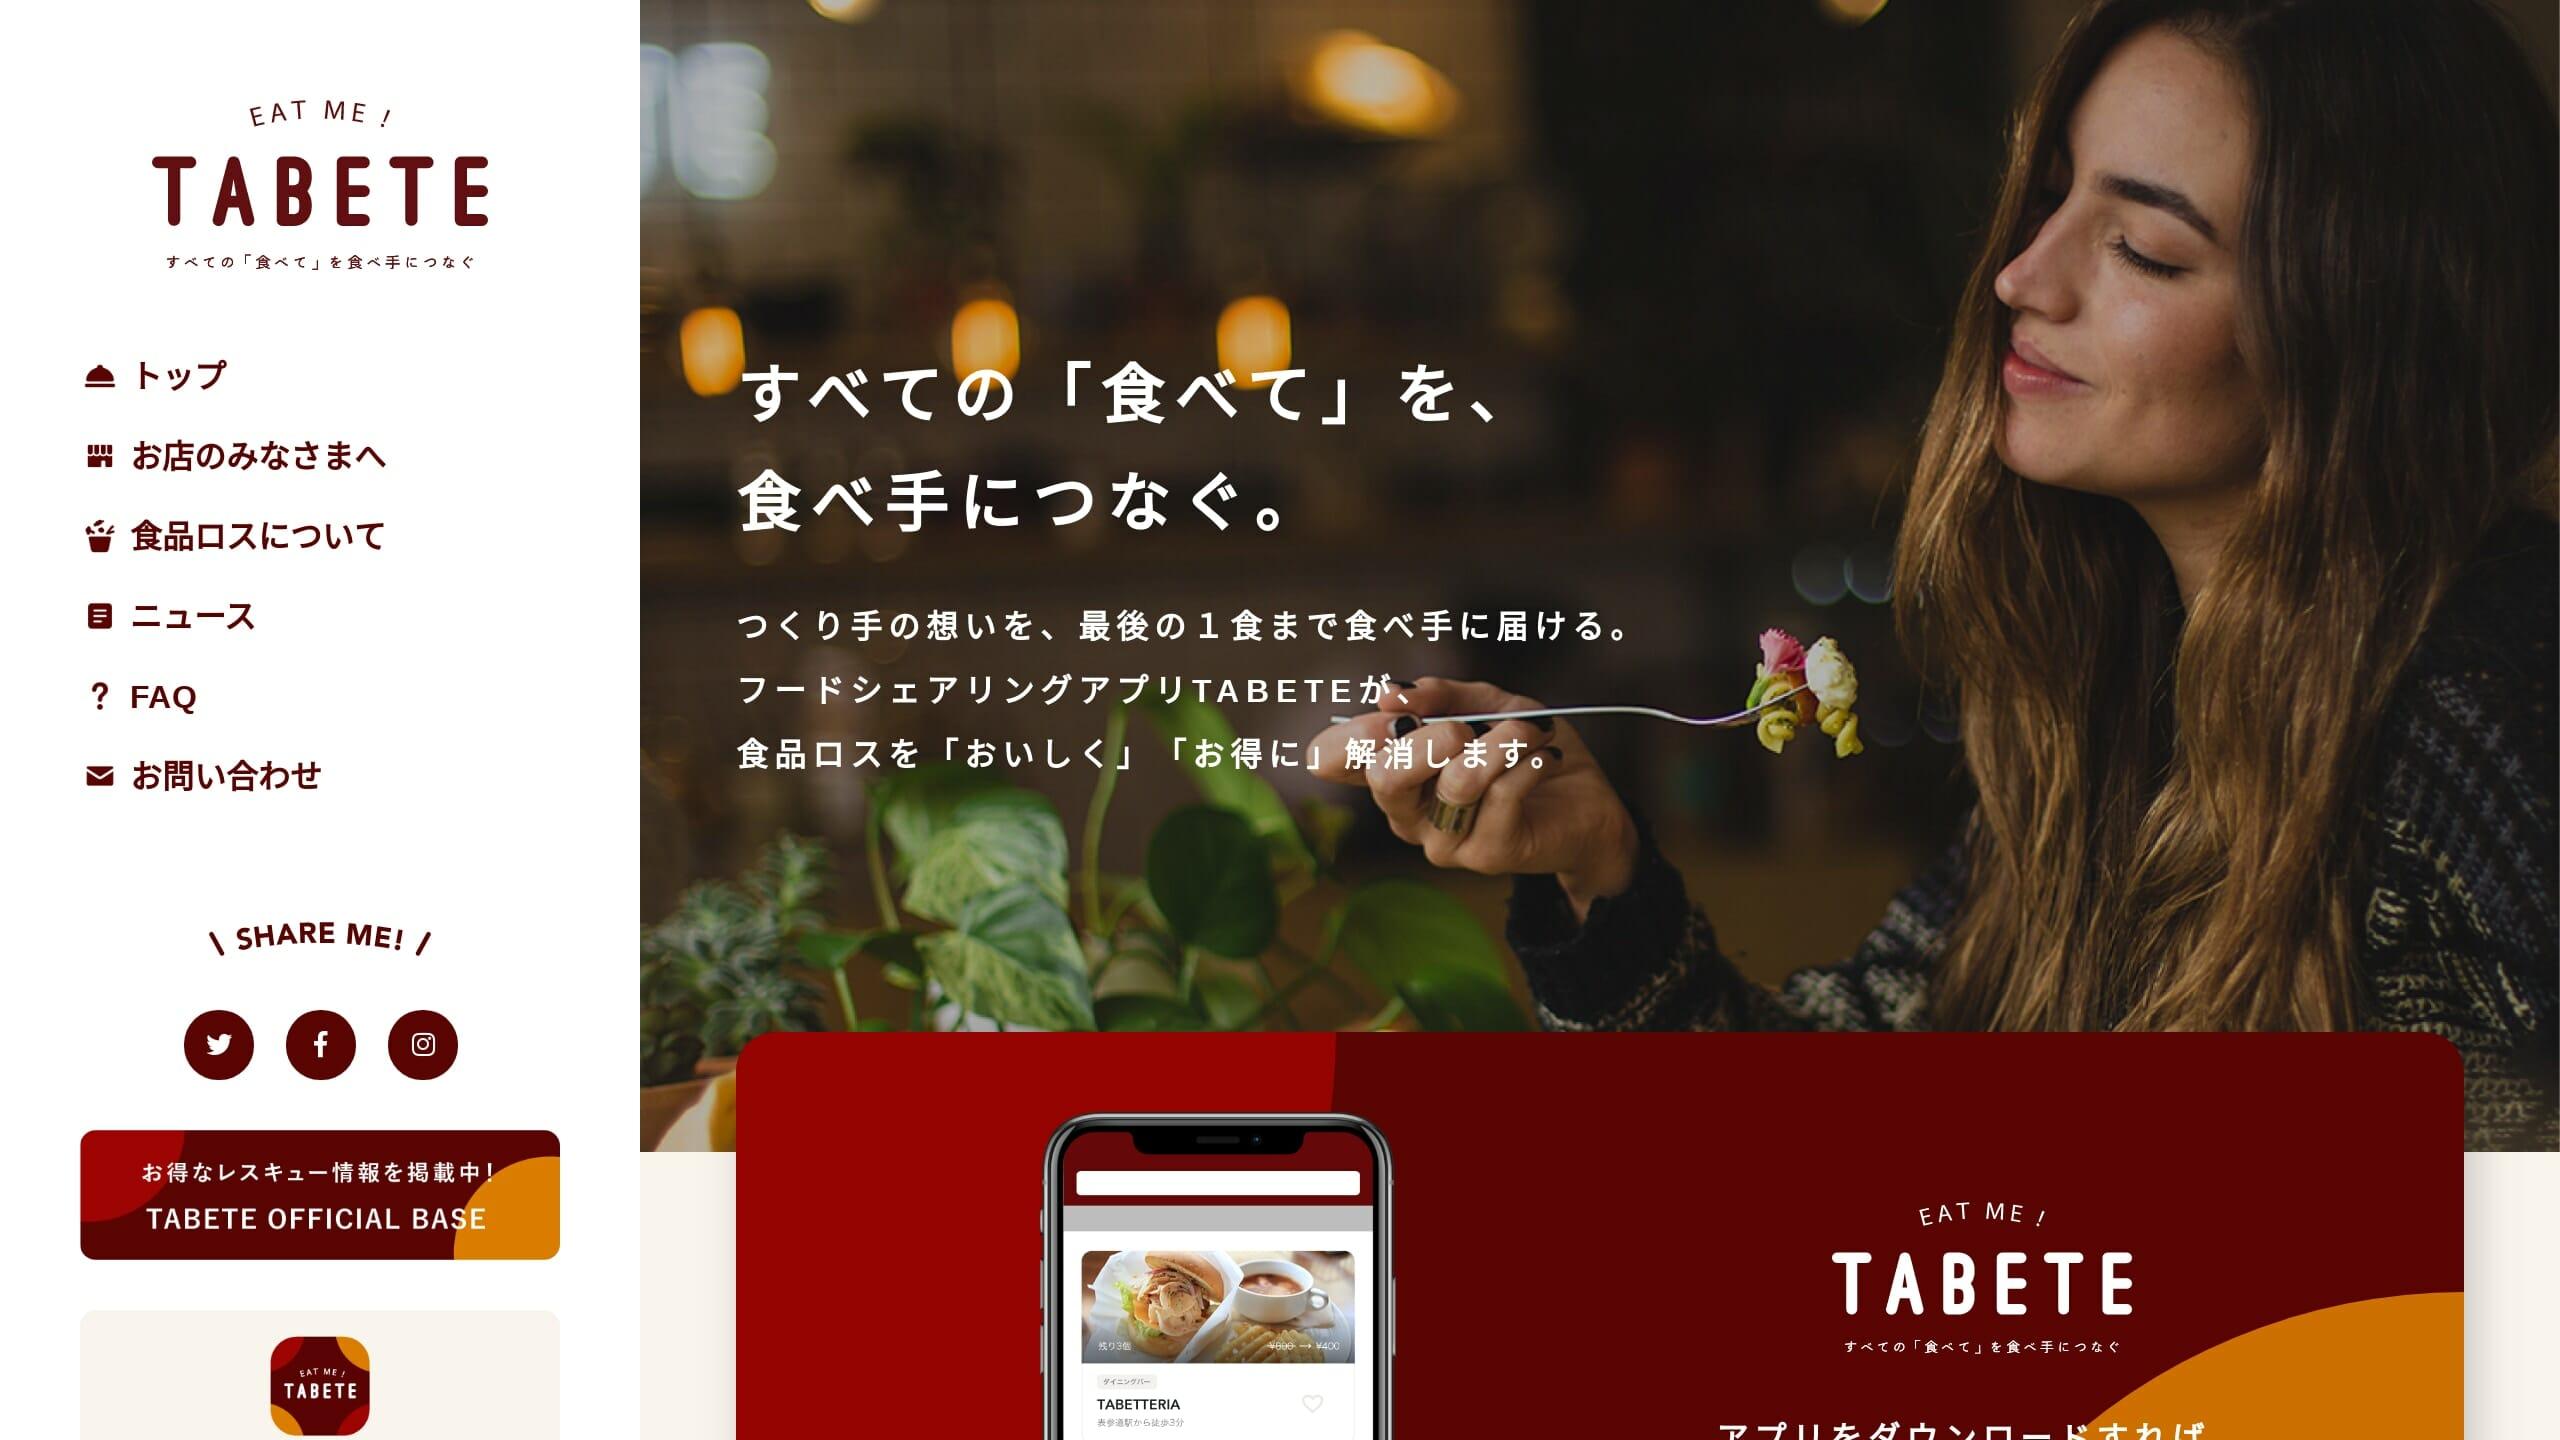 通販 リング フード シェア 今注目の外食業界注目の飲食店向けシェアリングサービスとは